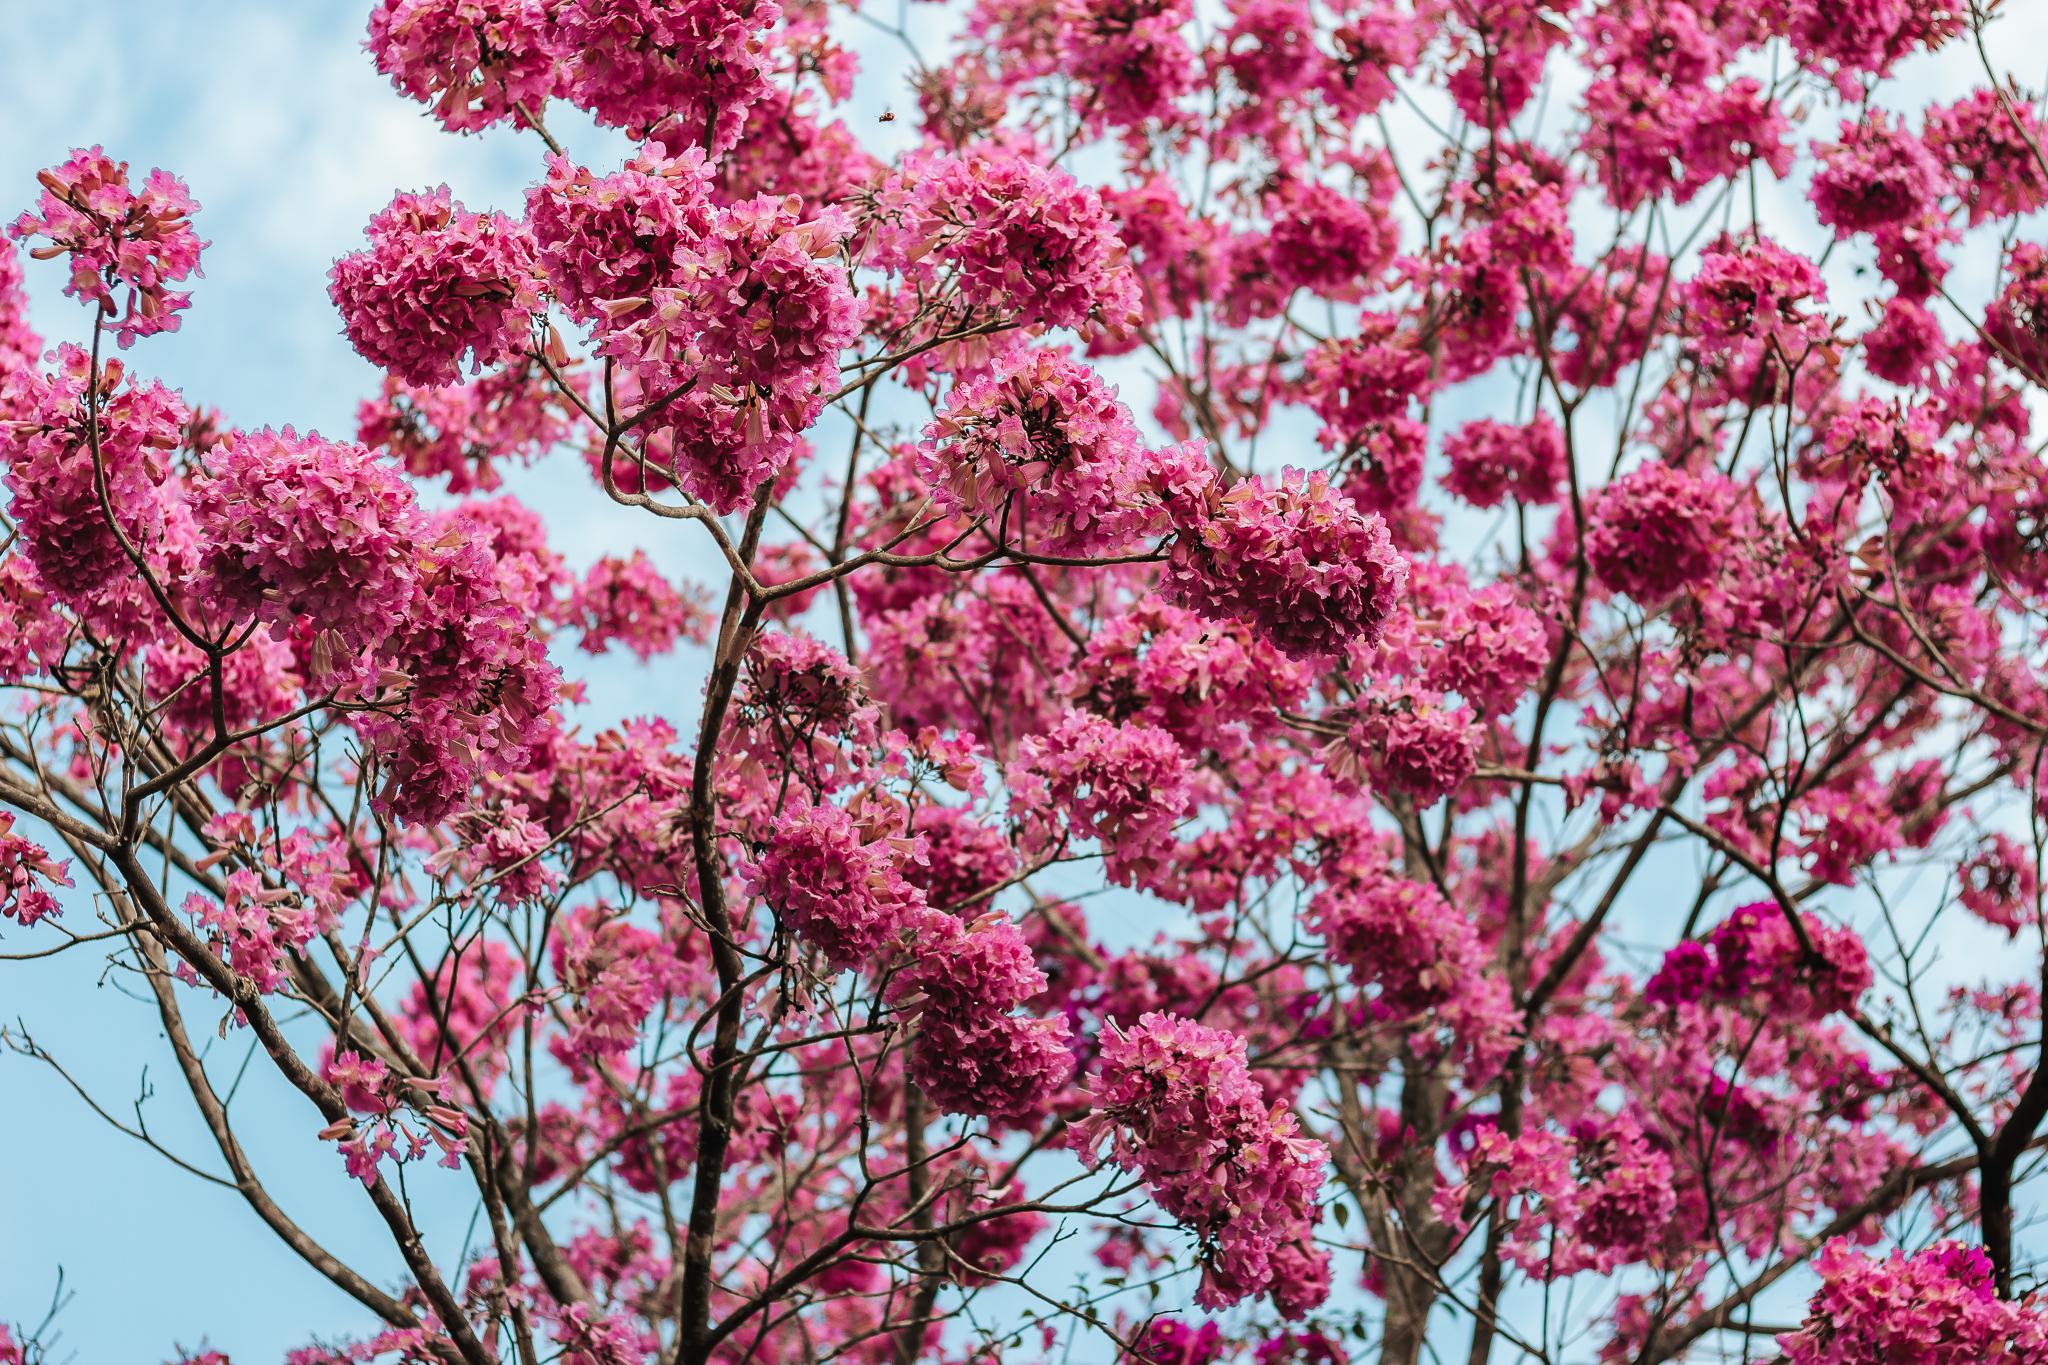 images gratuites : rose, plante, printemps, arbre, flore, branche